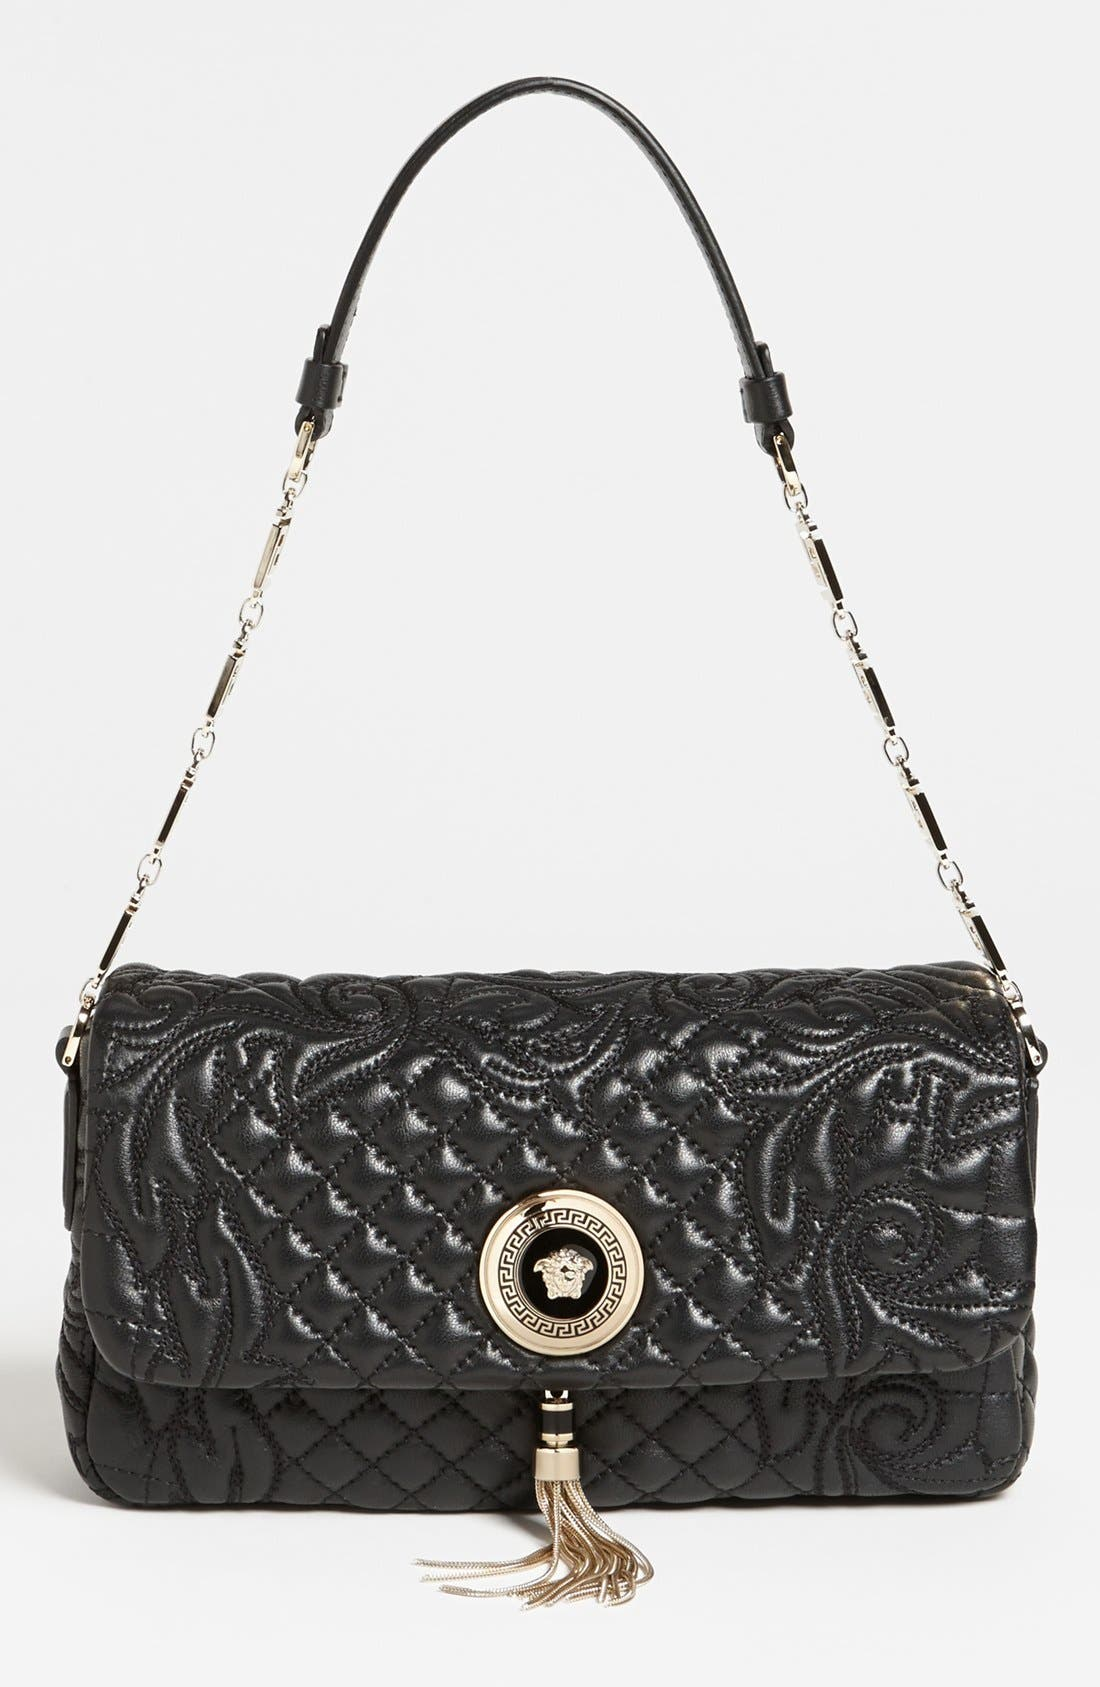 Alternate Image 1 Selected - Versace 'Linea' Leather Shoulder Bag